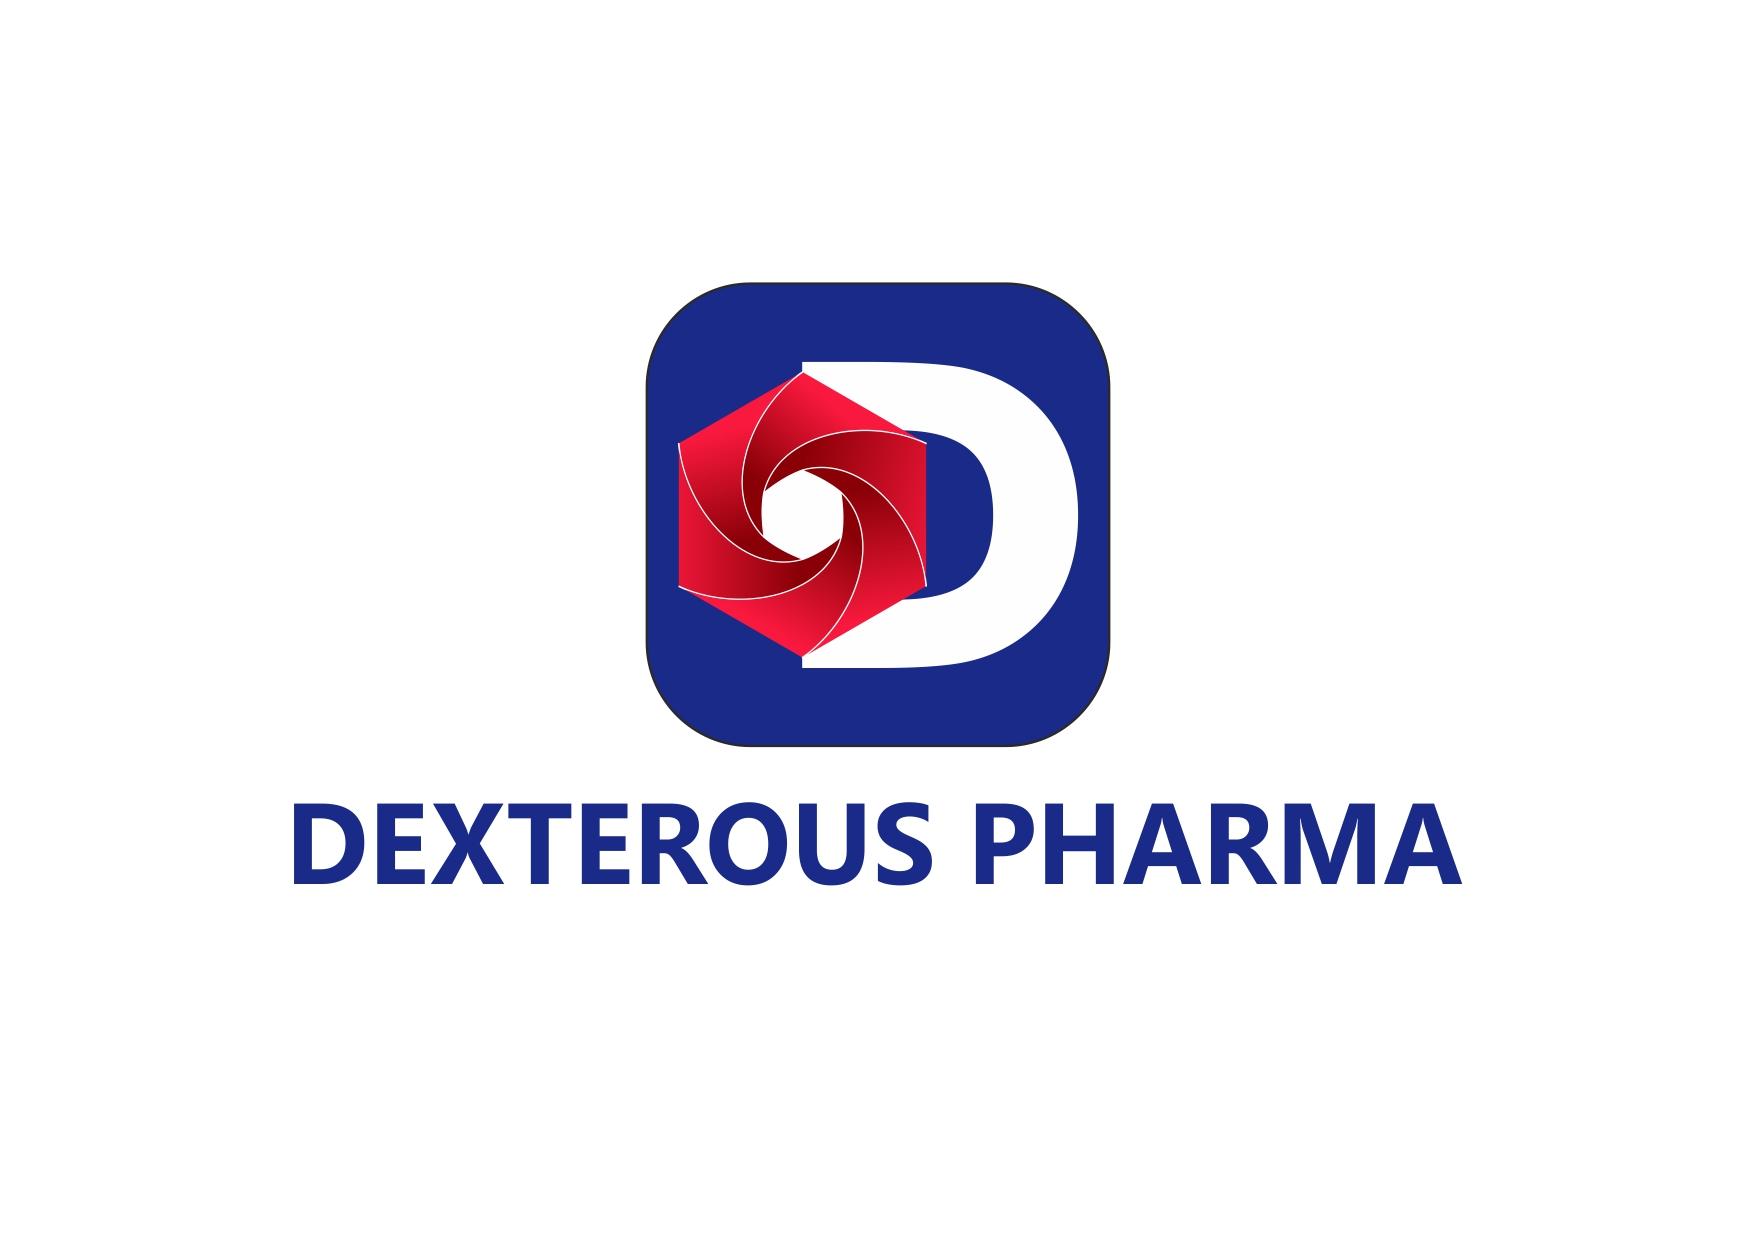 DEXTEROUS PHARMA